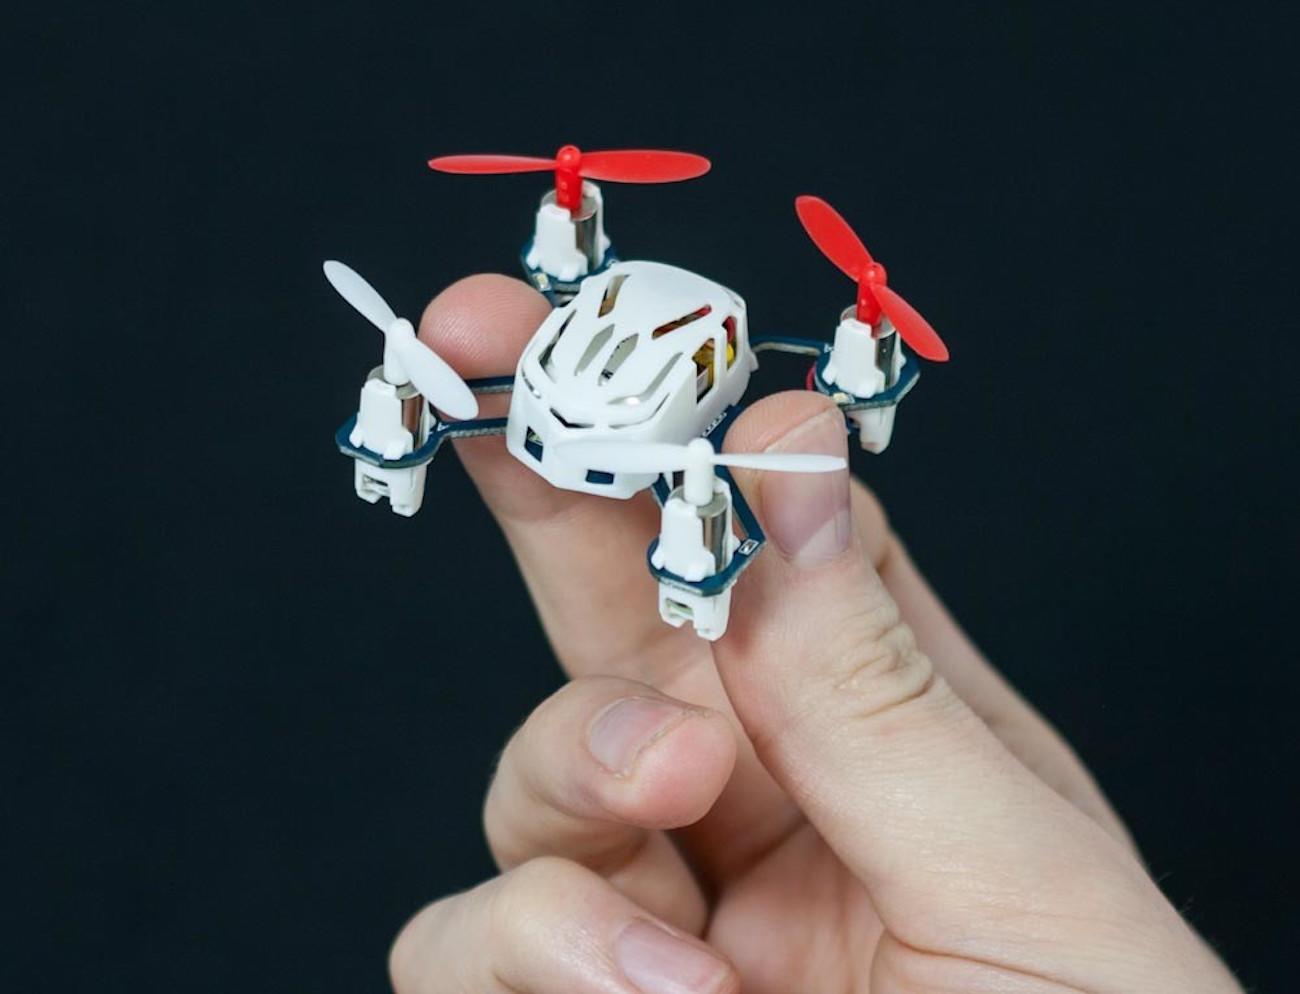 Hubsan Q4 Nano Mini – World's Smallest Quad Copter